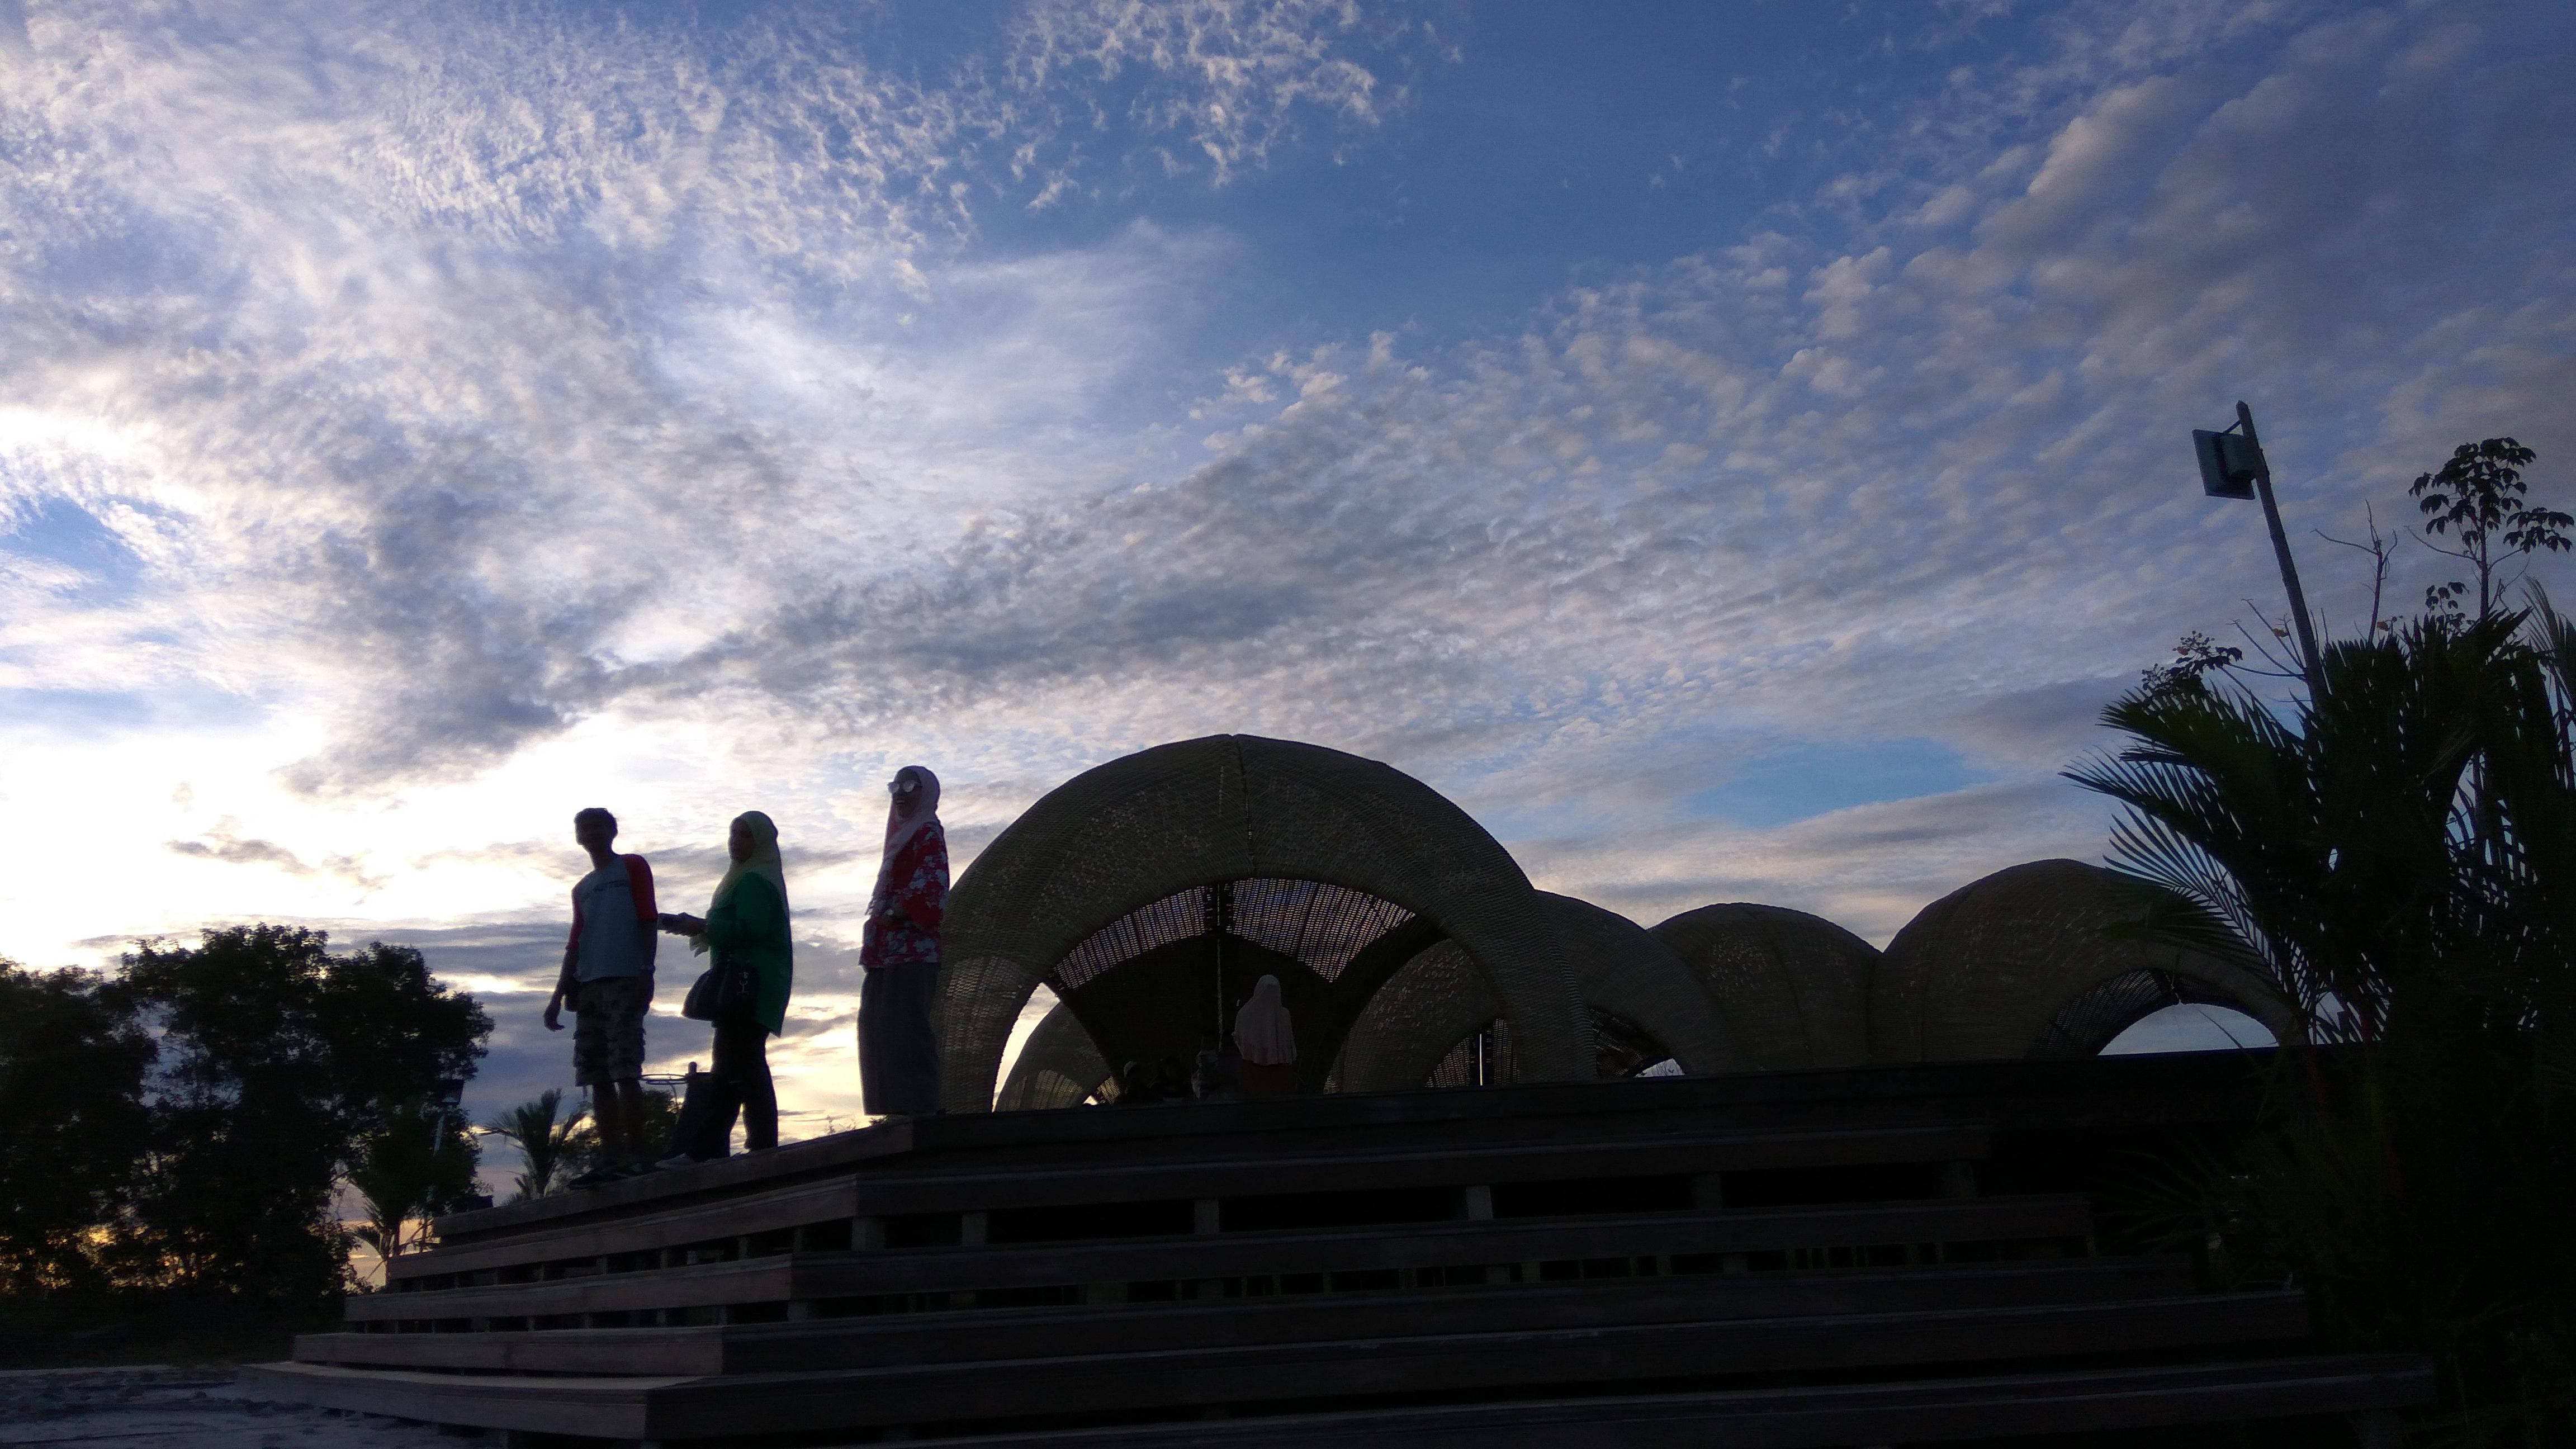 Tempat Terbaru dan Tersembunyi di Belitung - Rumah Keong